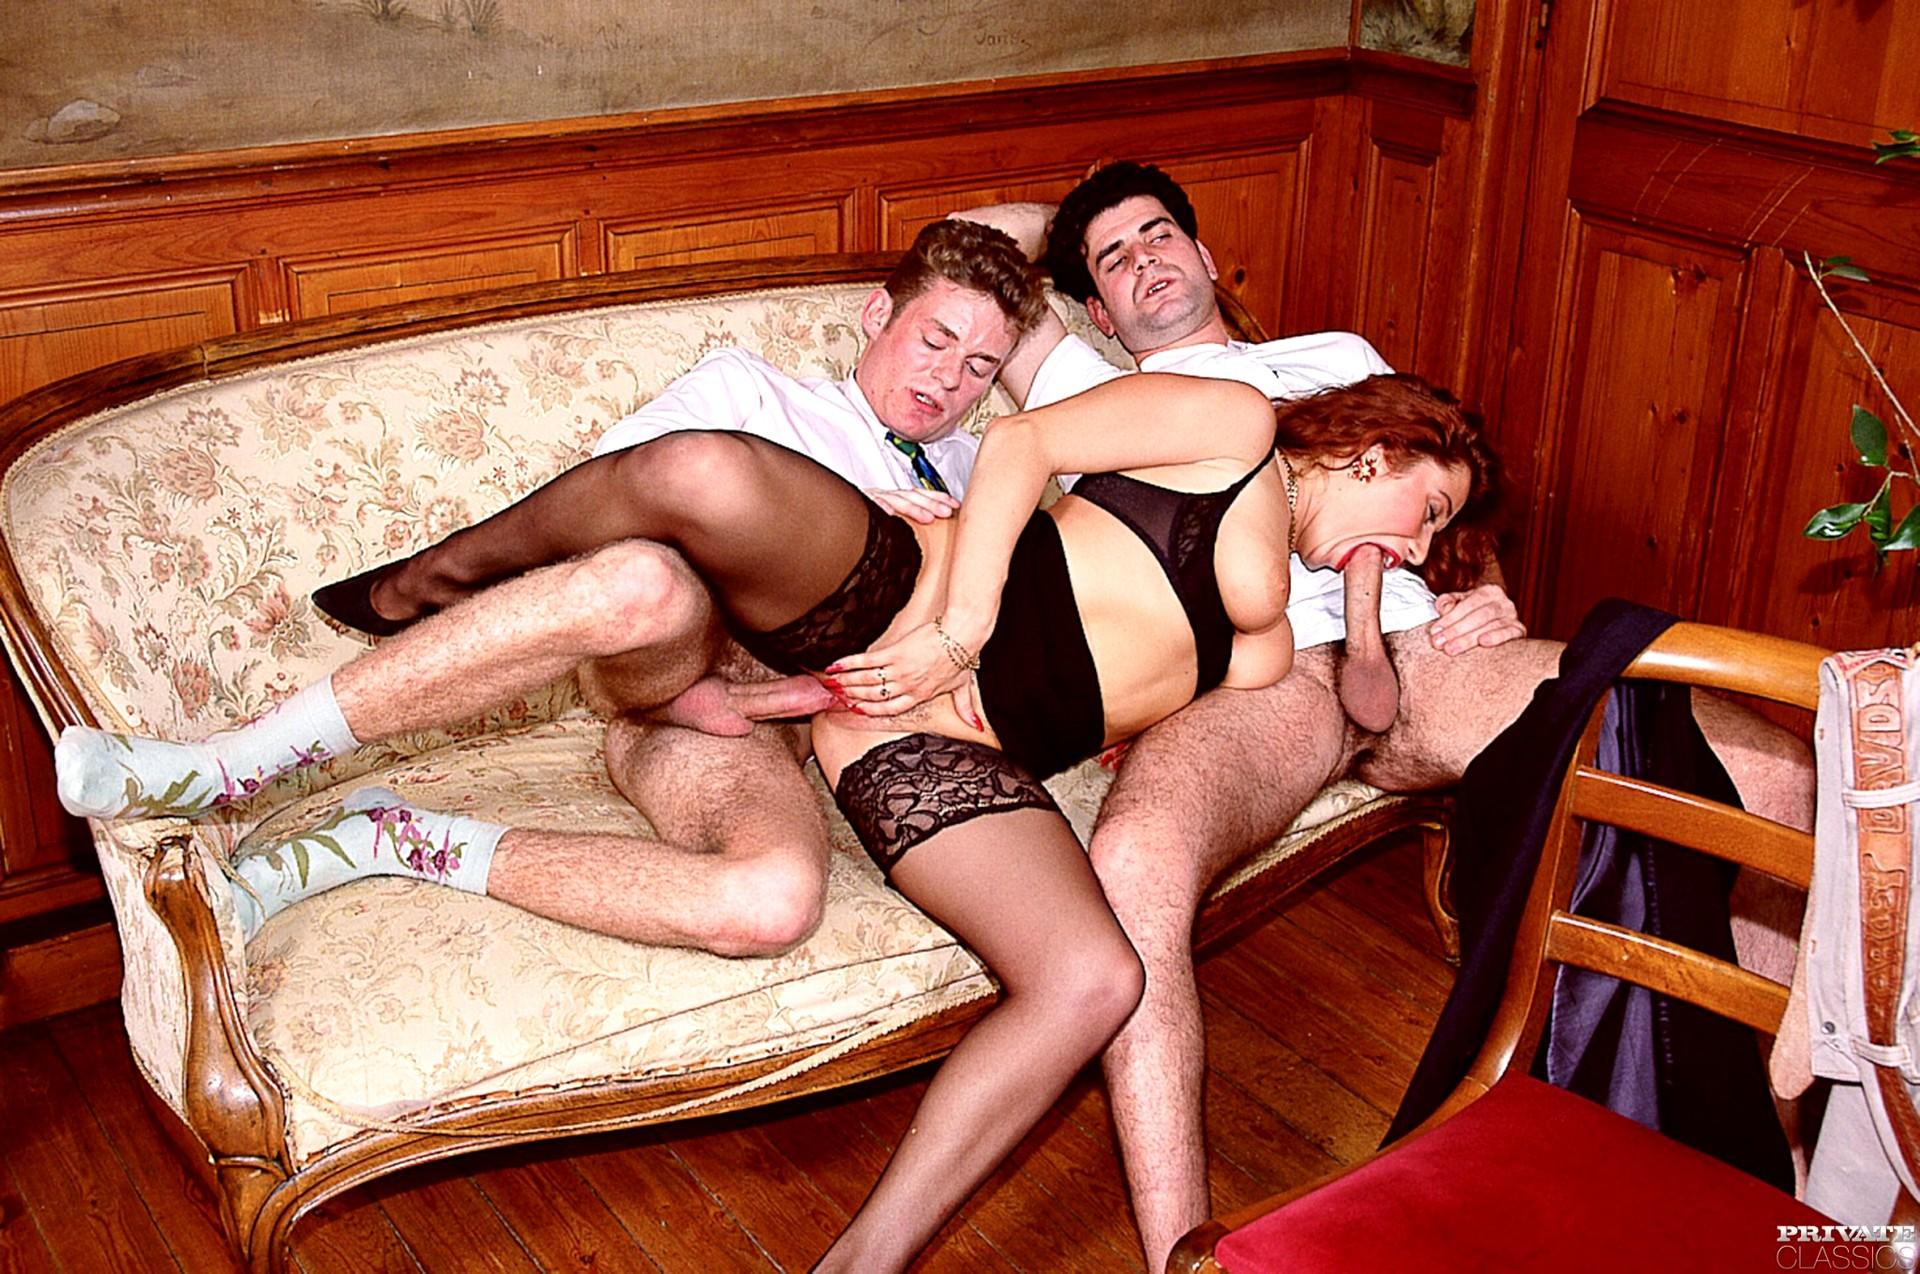 Порно онлайн с эрикой беллой двойное проникновение